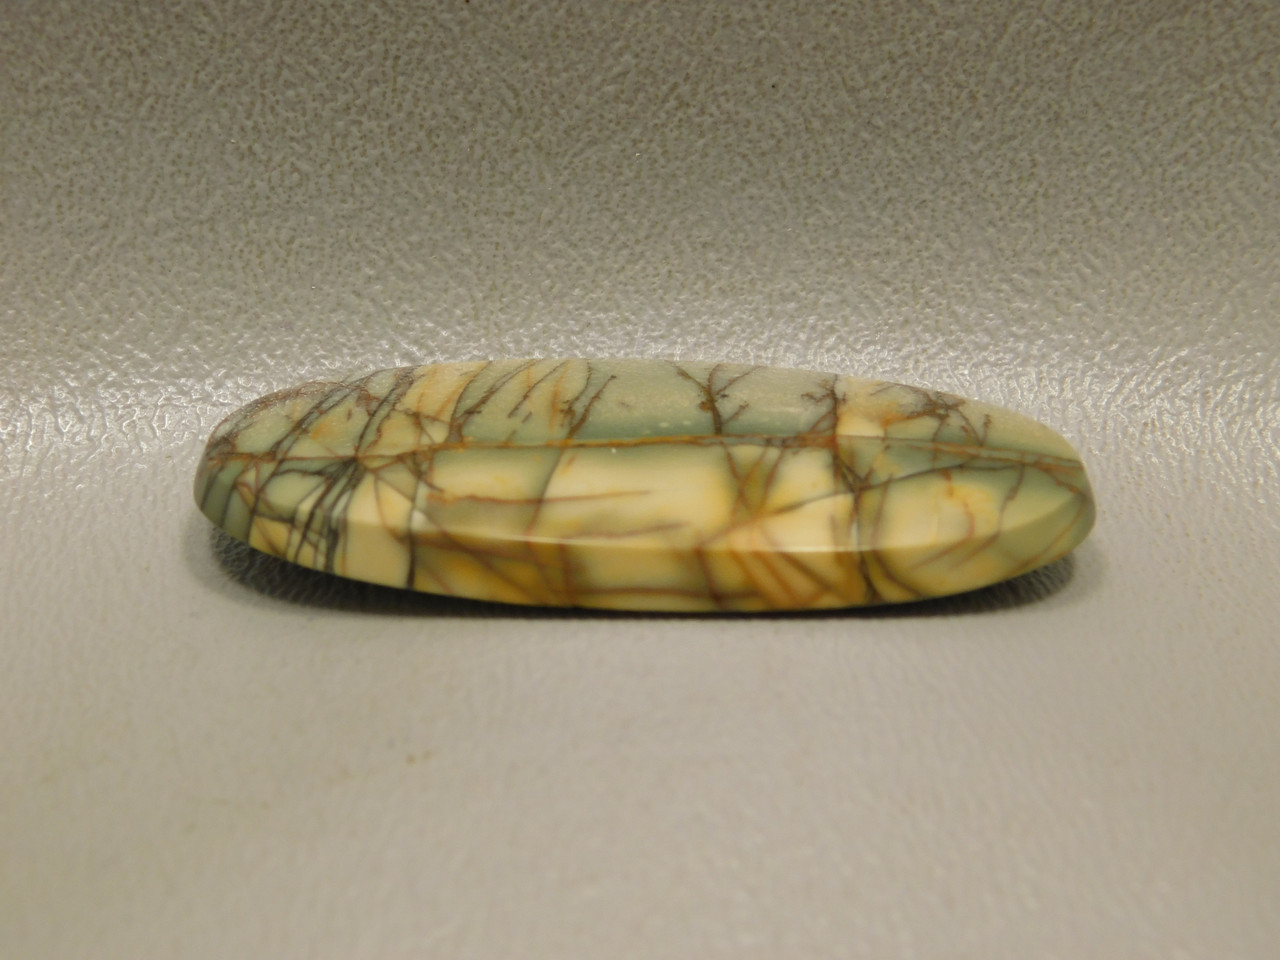 Semi Precious Stone Red Creek Jasper Stone Cabochon #23